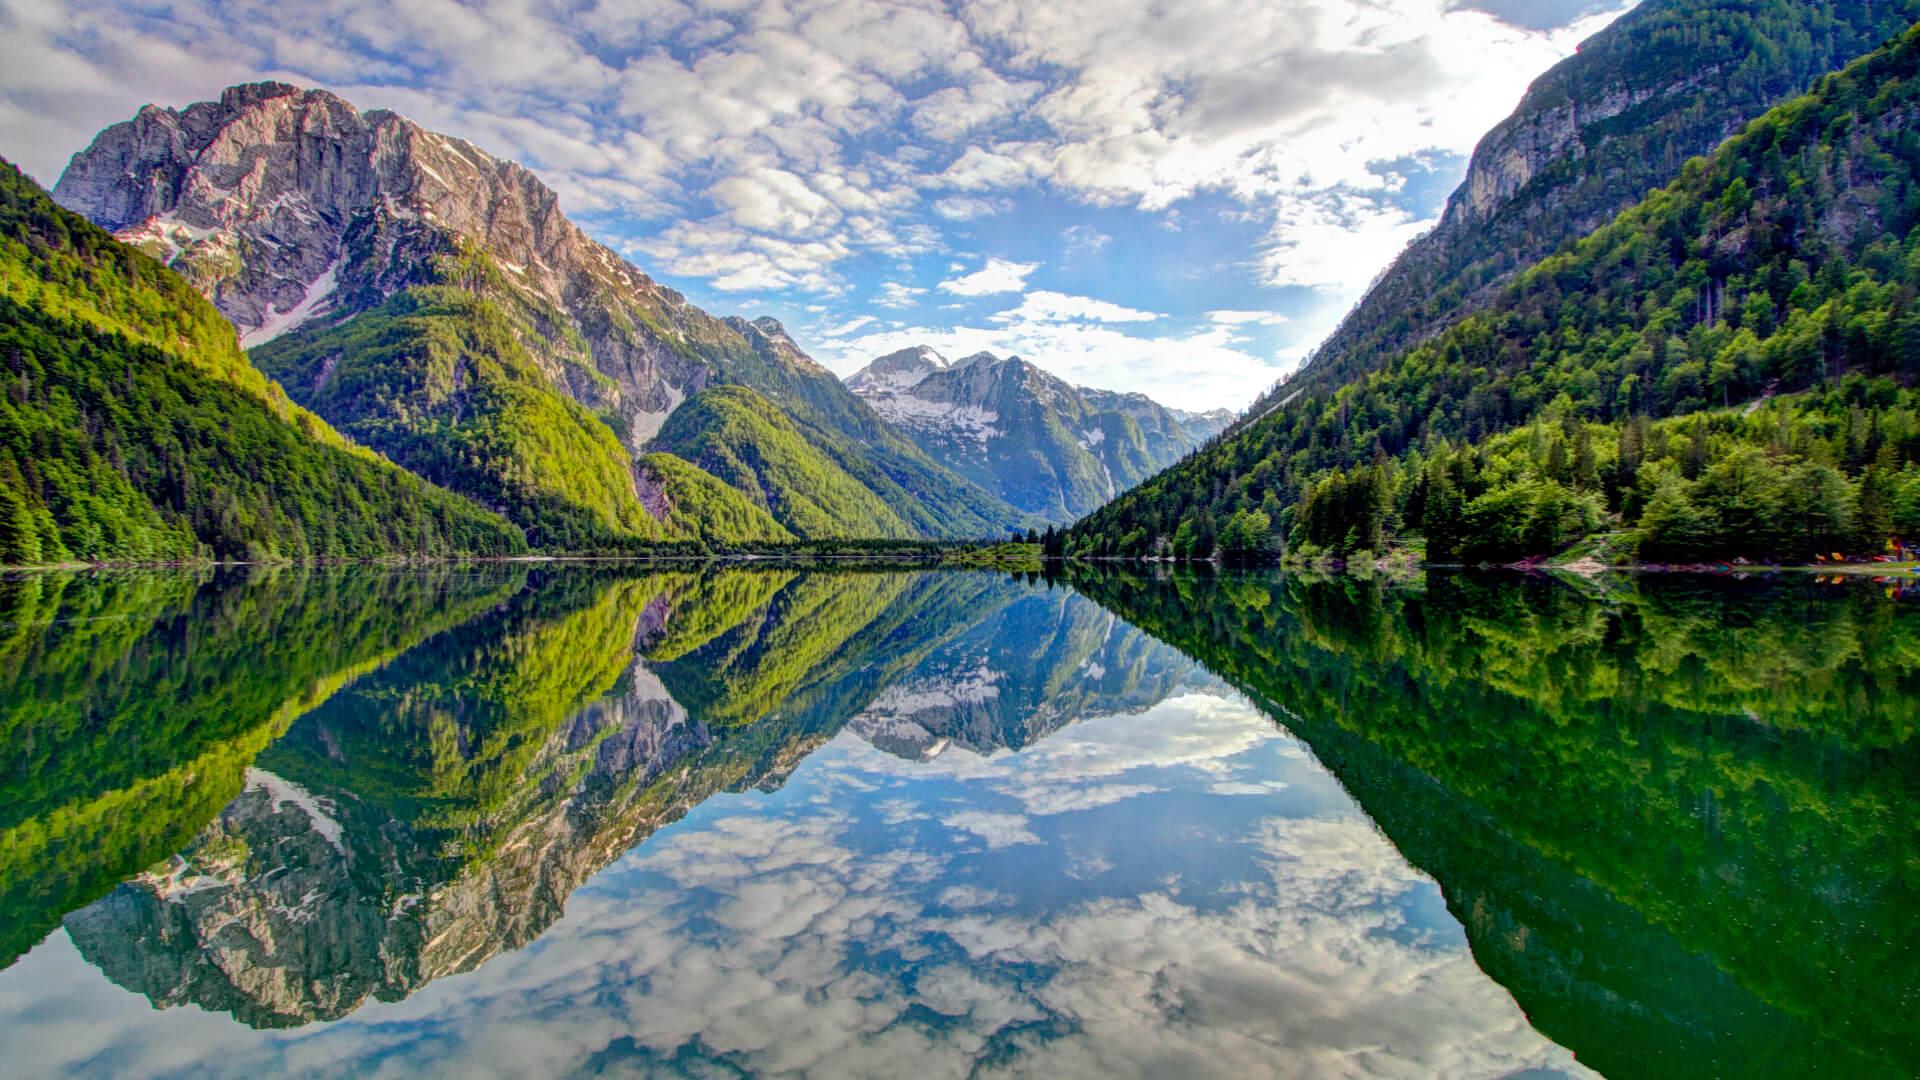 Küçük Bir Ülkede Büyük Maceralar Peşinde: Slovenya, Soca Valley